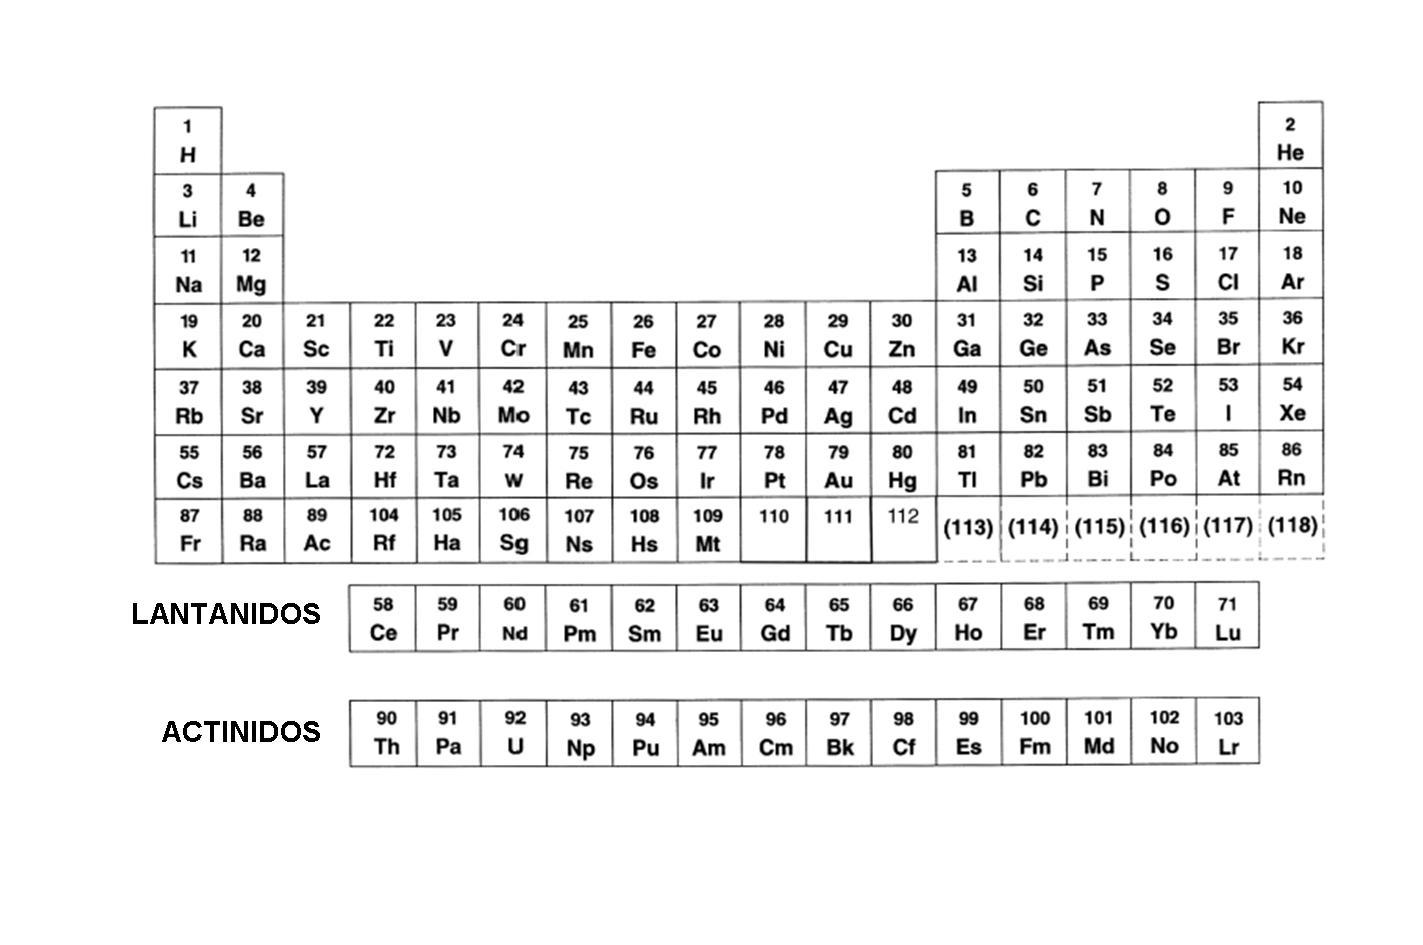 Ii carnaval de qumica breve explicacin de la tabla peridica ii carnaval de qumica breve explicacin de la tabla peridica la enciclopedia galctica urtaz Choice Image